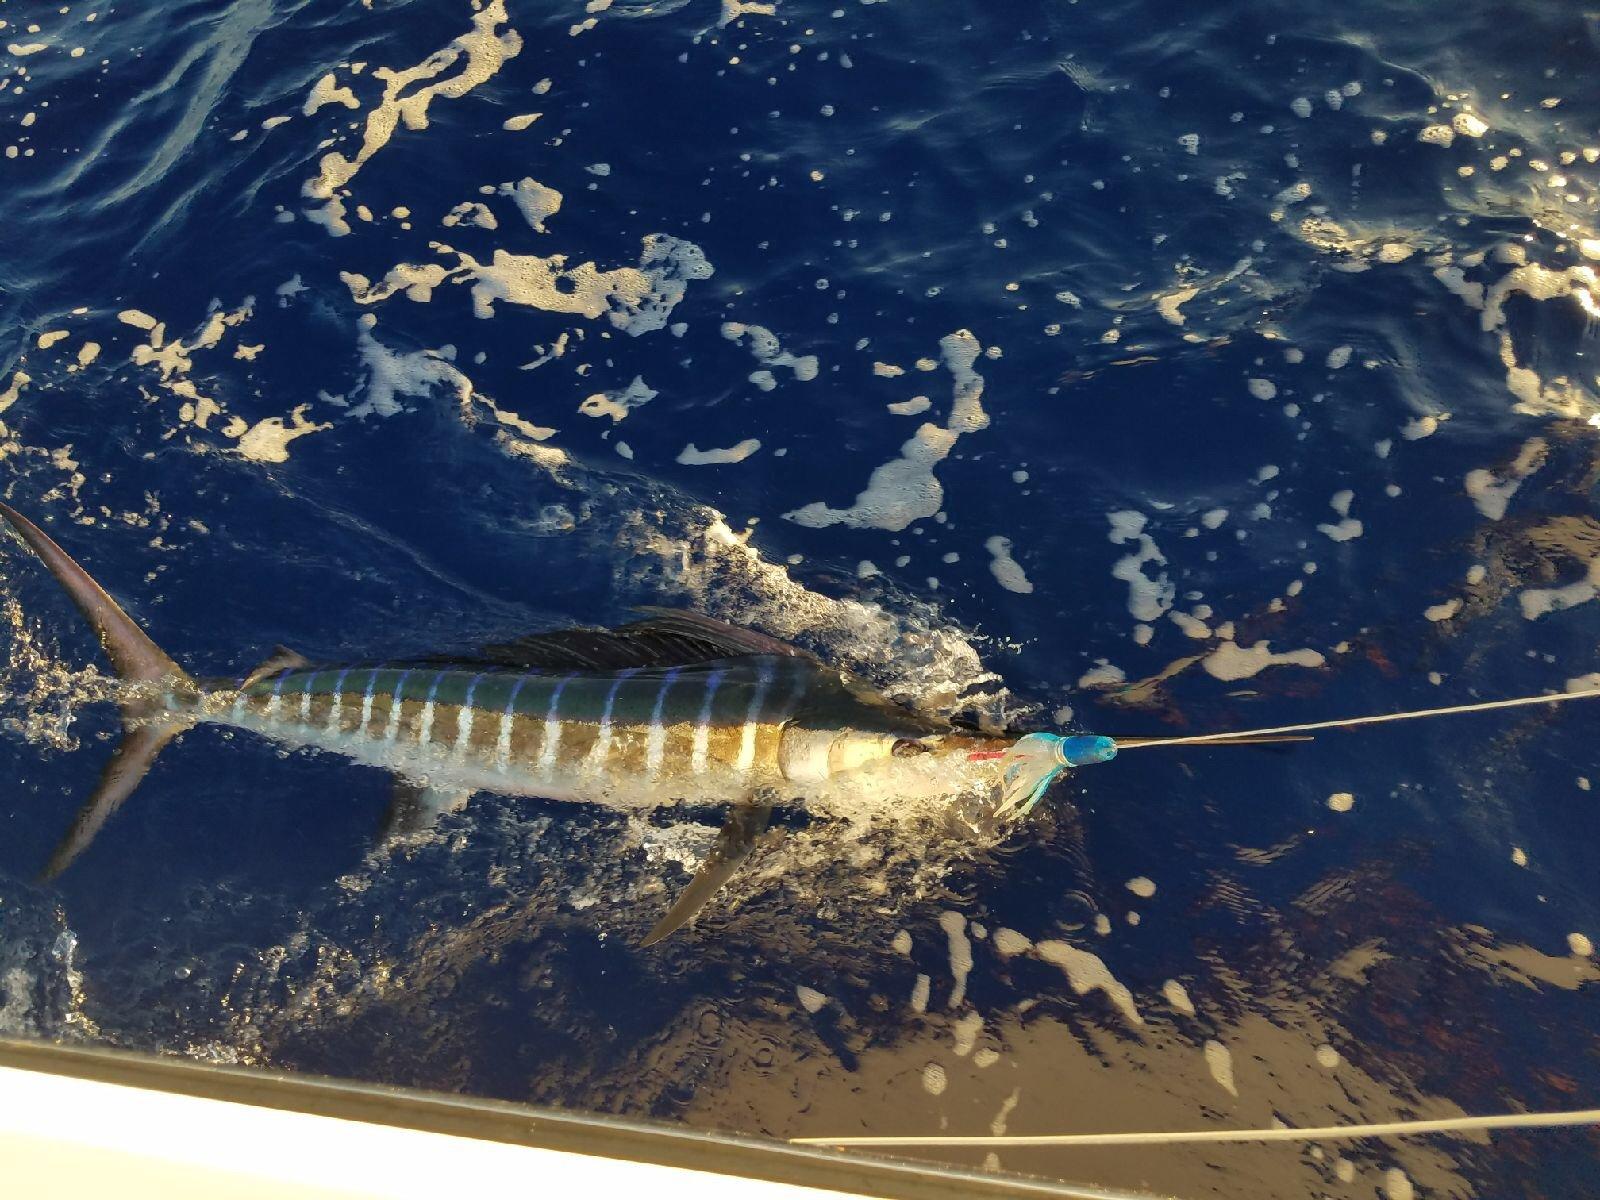 Deep sea fishing in Kona